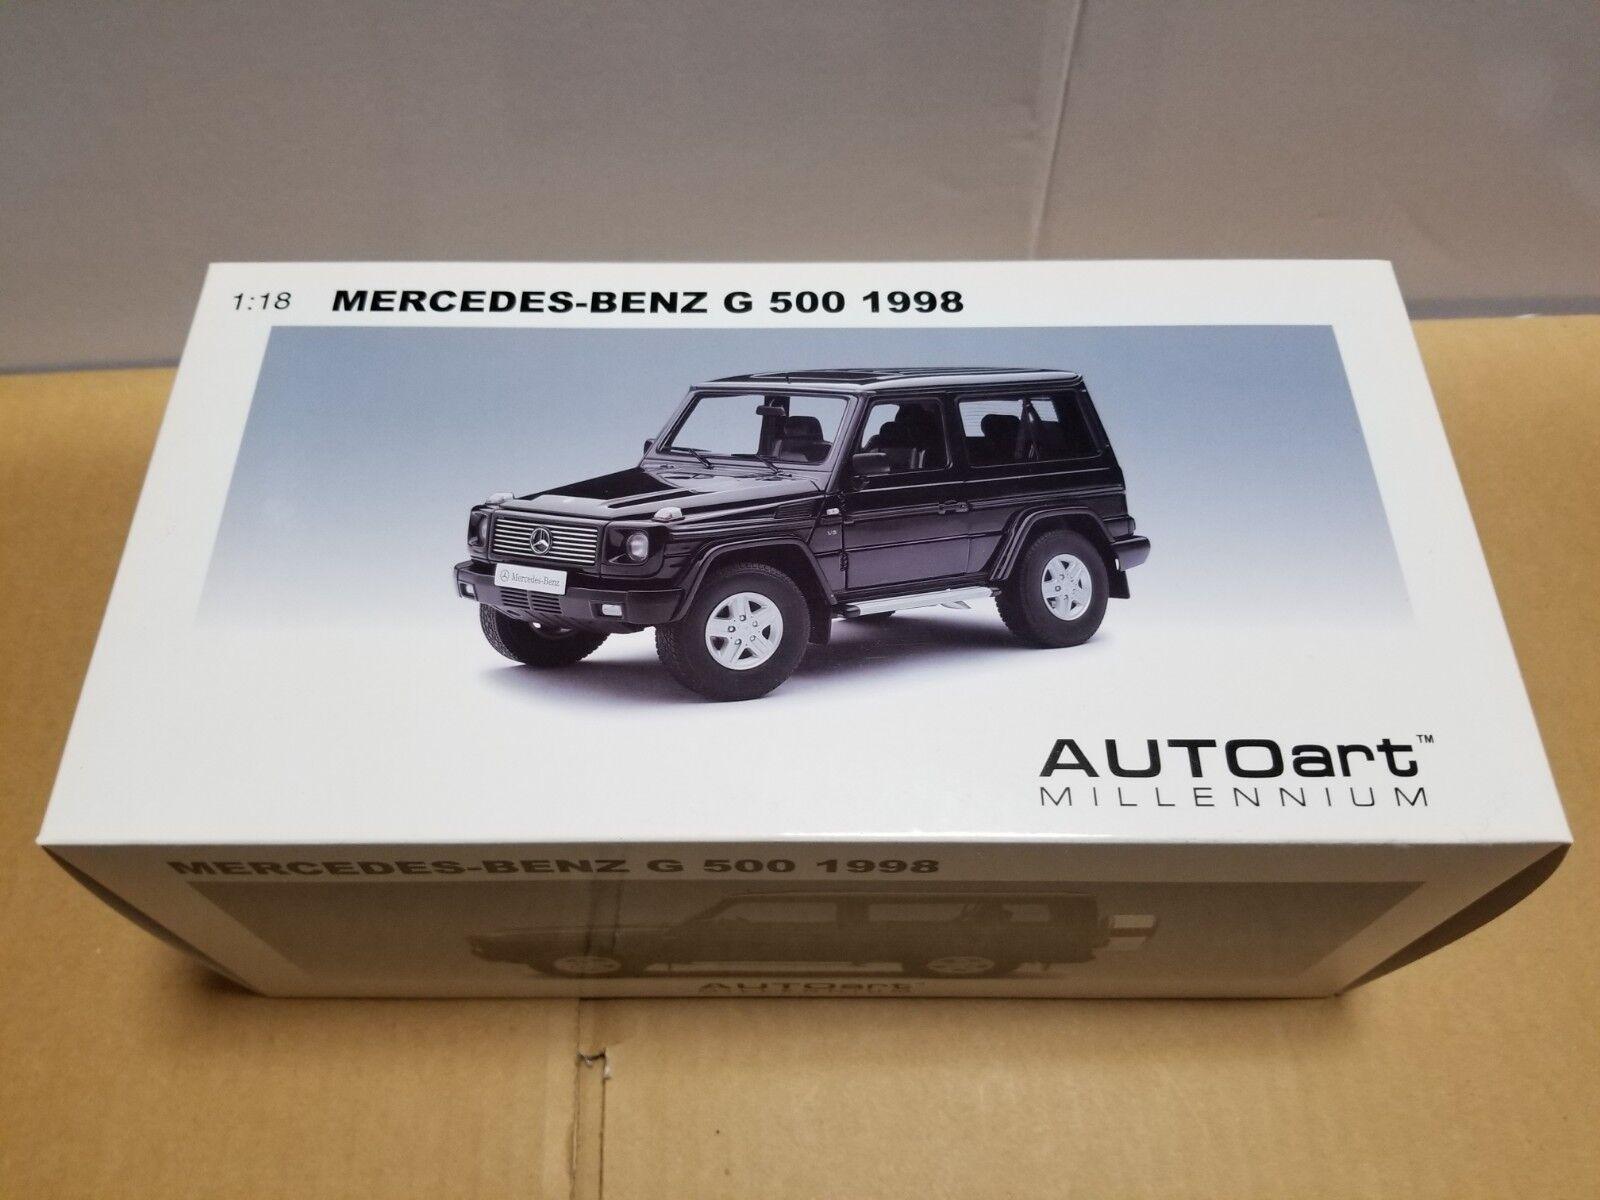 AUTOART MERCEDES BENZ  G 500  1998 76111 schwarz  1 18